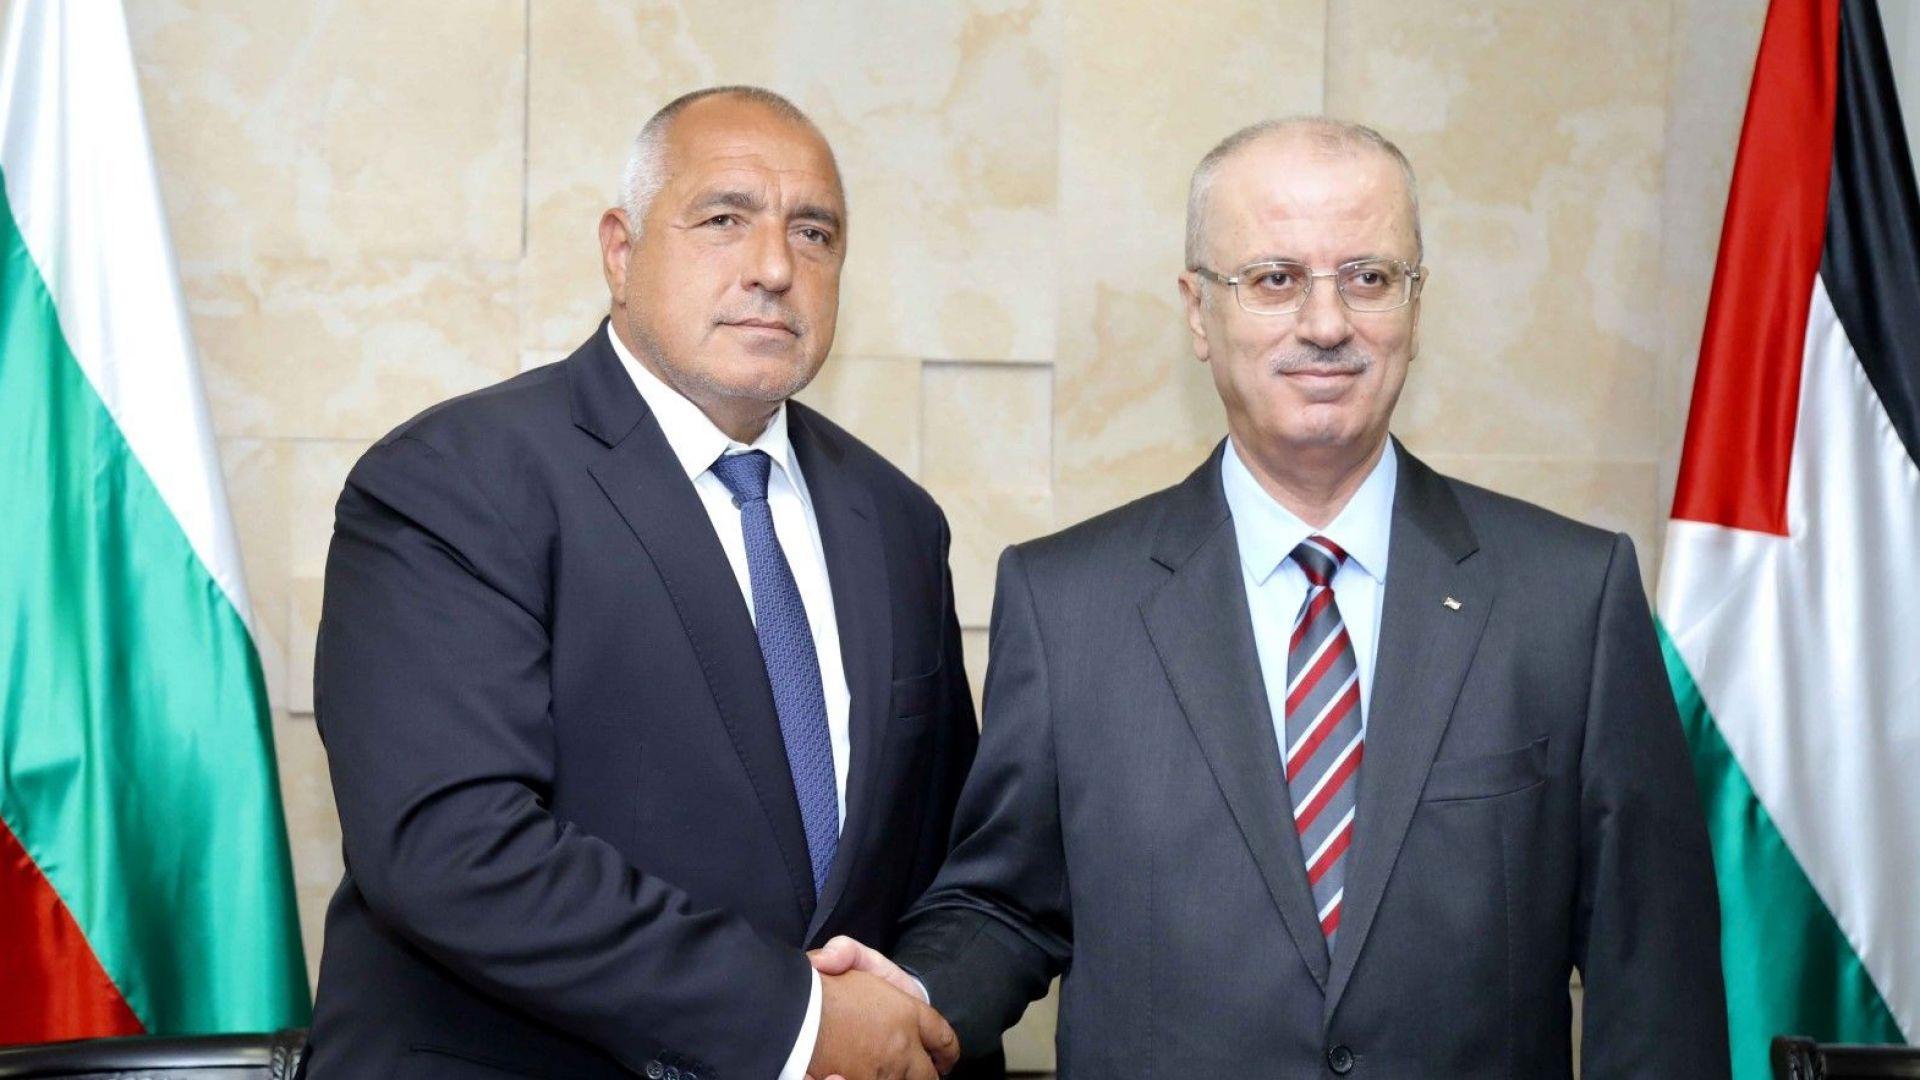 Борисов: България подкрепя инициативите, които биха довели до положително развитие на Близкоизточния мирен процес